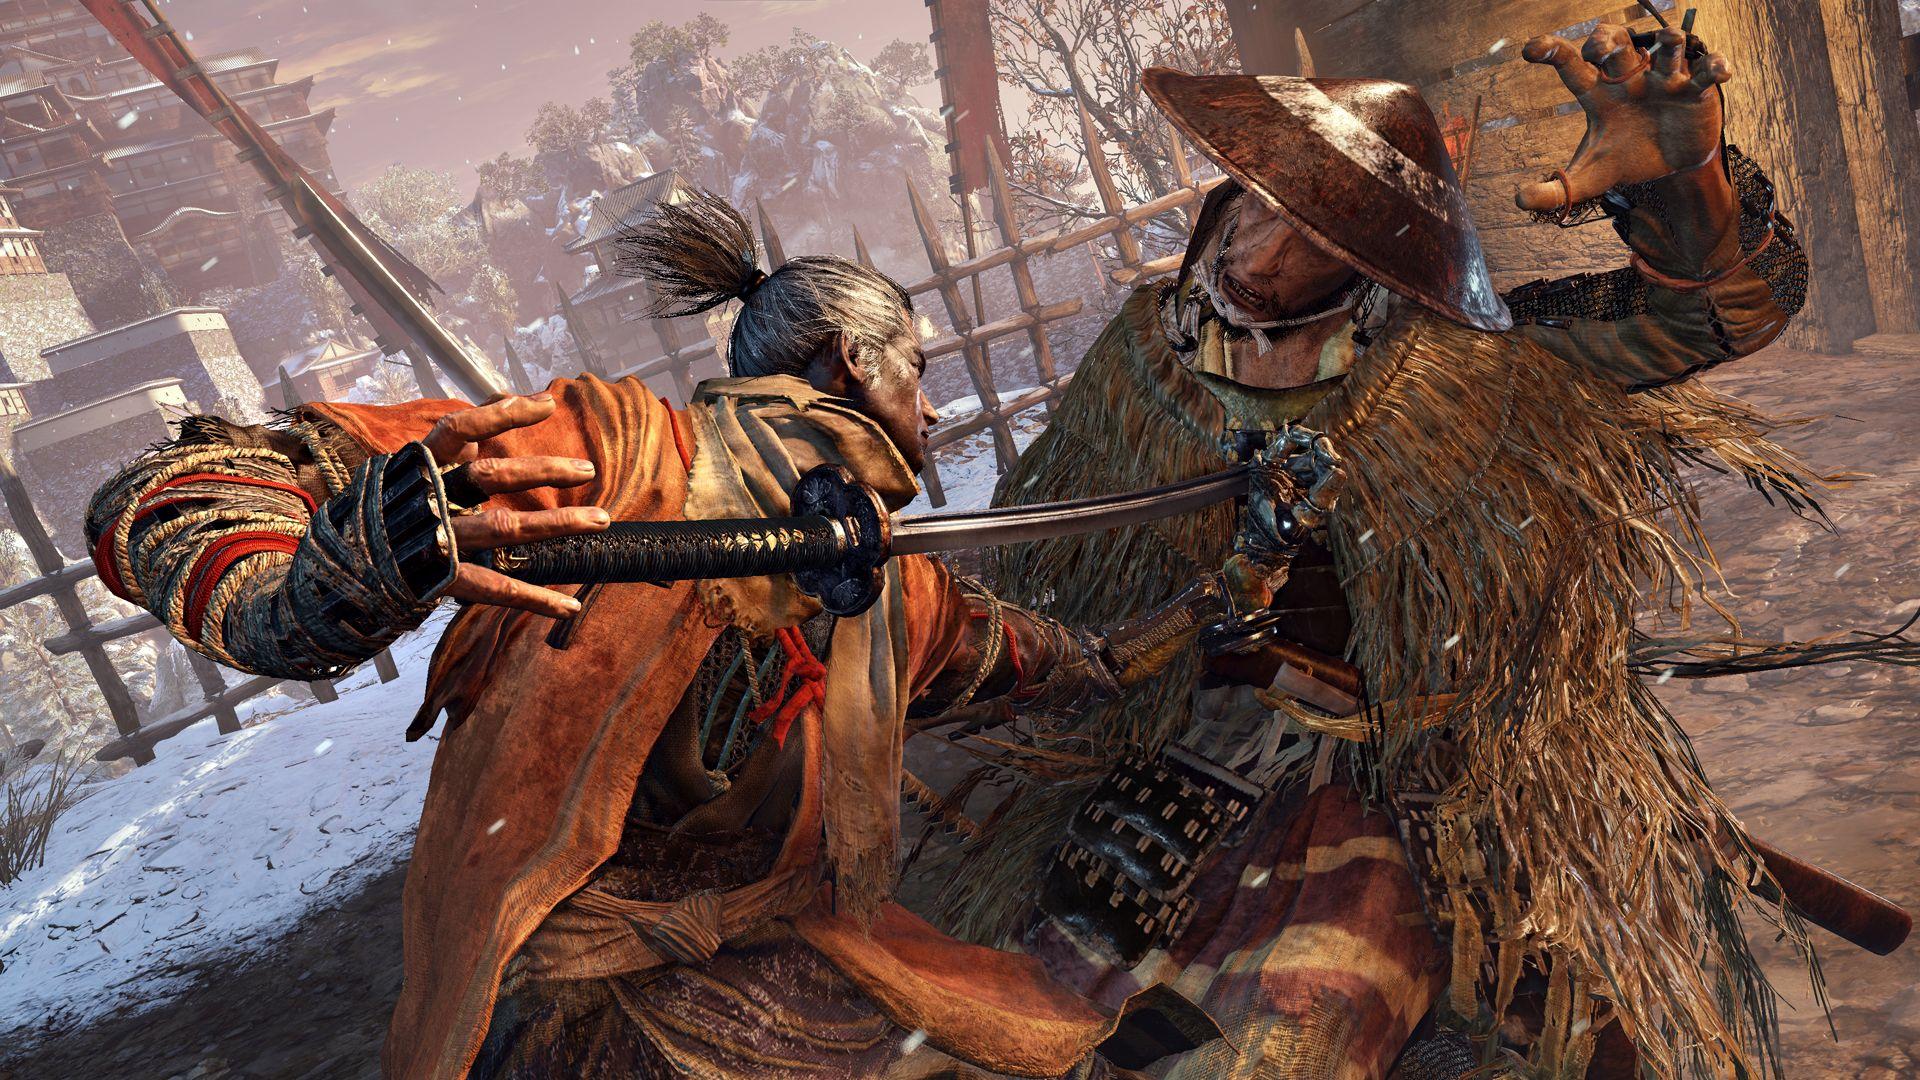 سیستم جدید بازگشت به زندگی در بازی Sekiro، مبارزات مرگبارتری را به همراه خواهد داشت